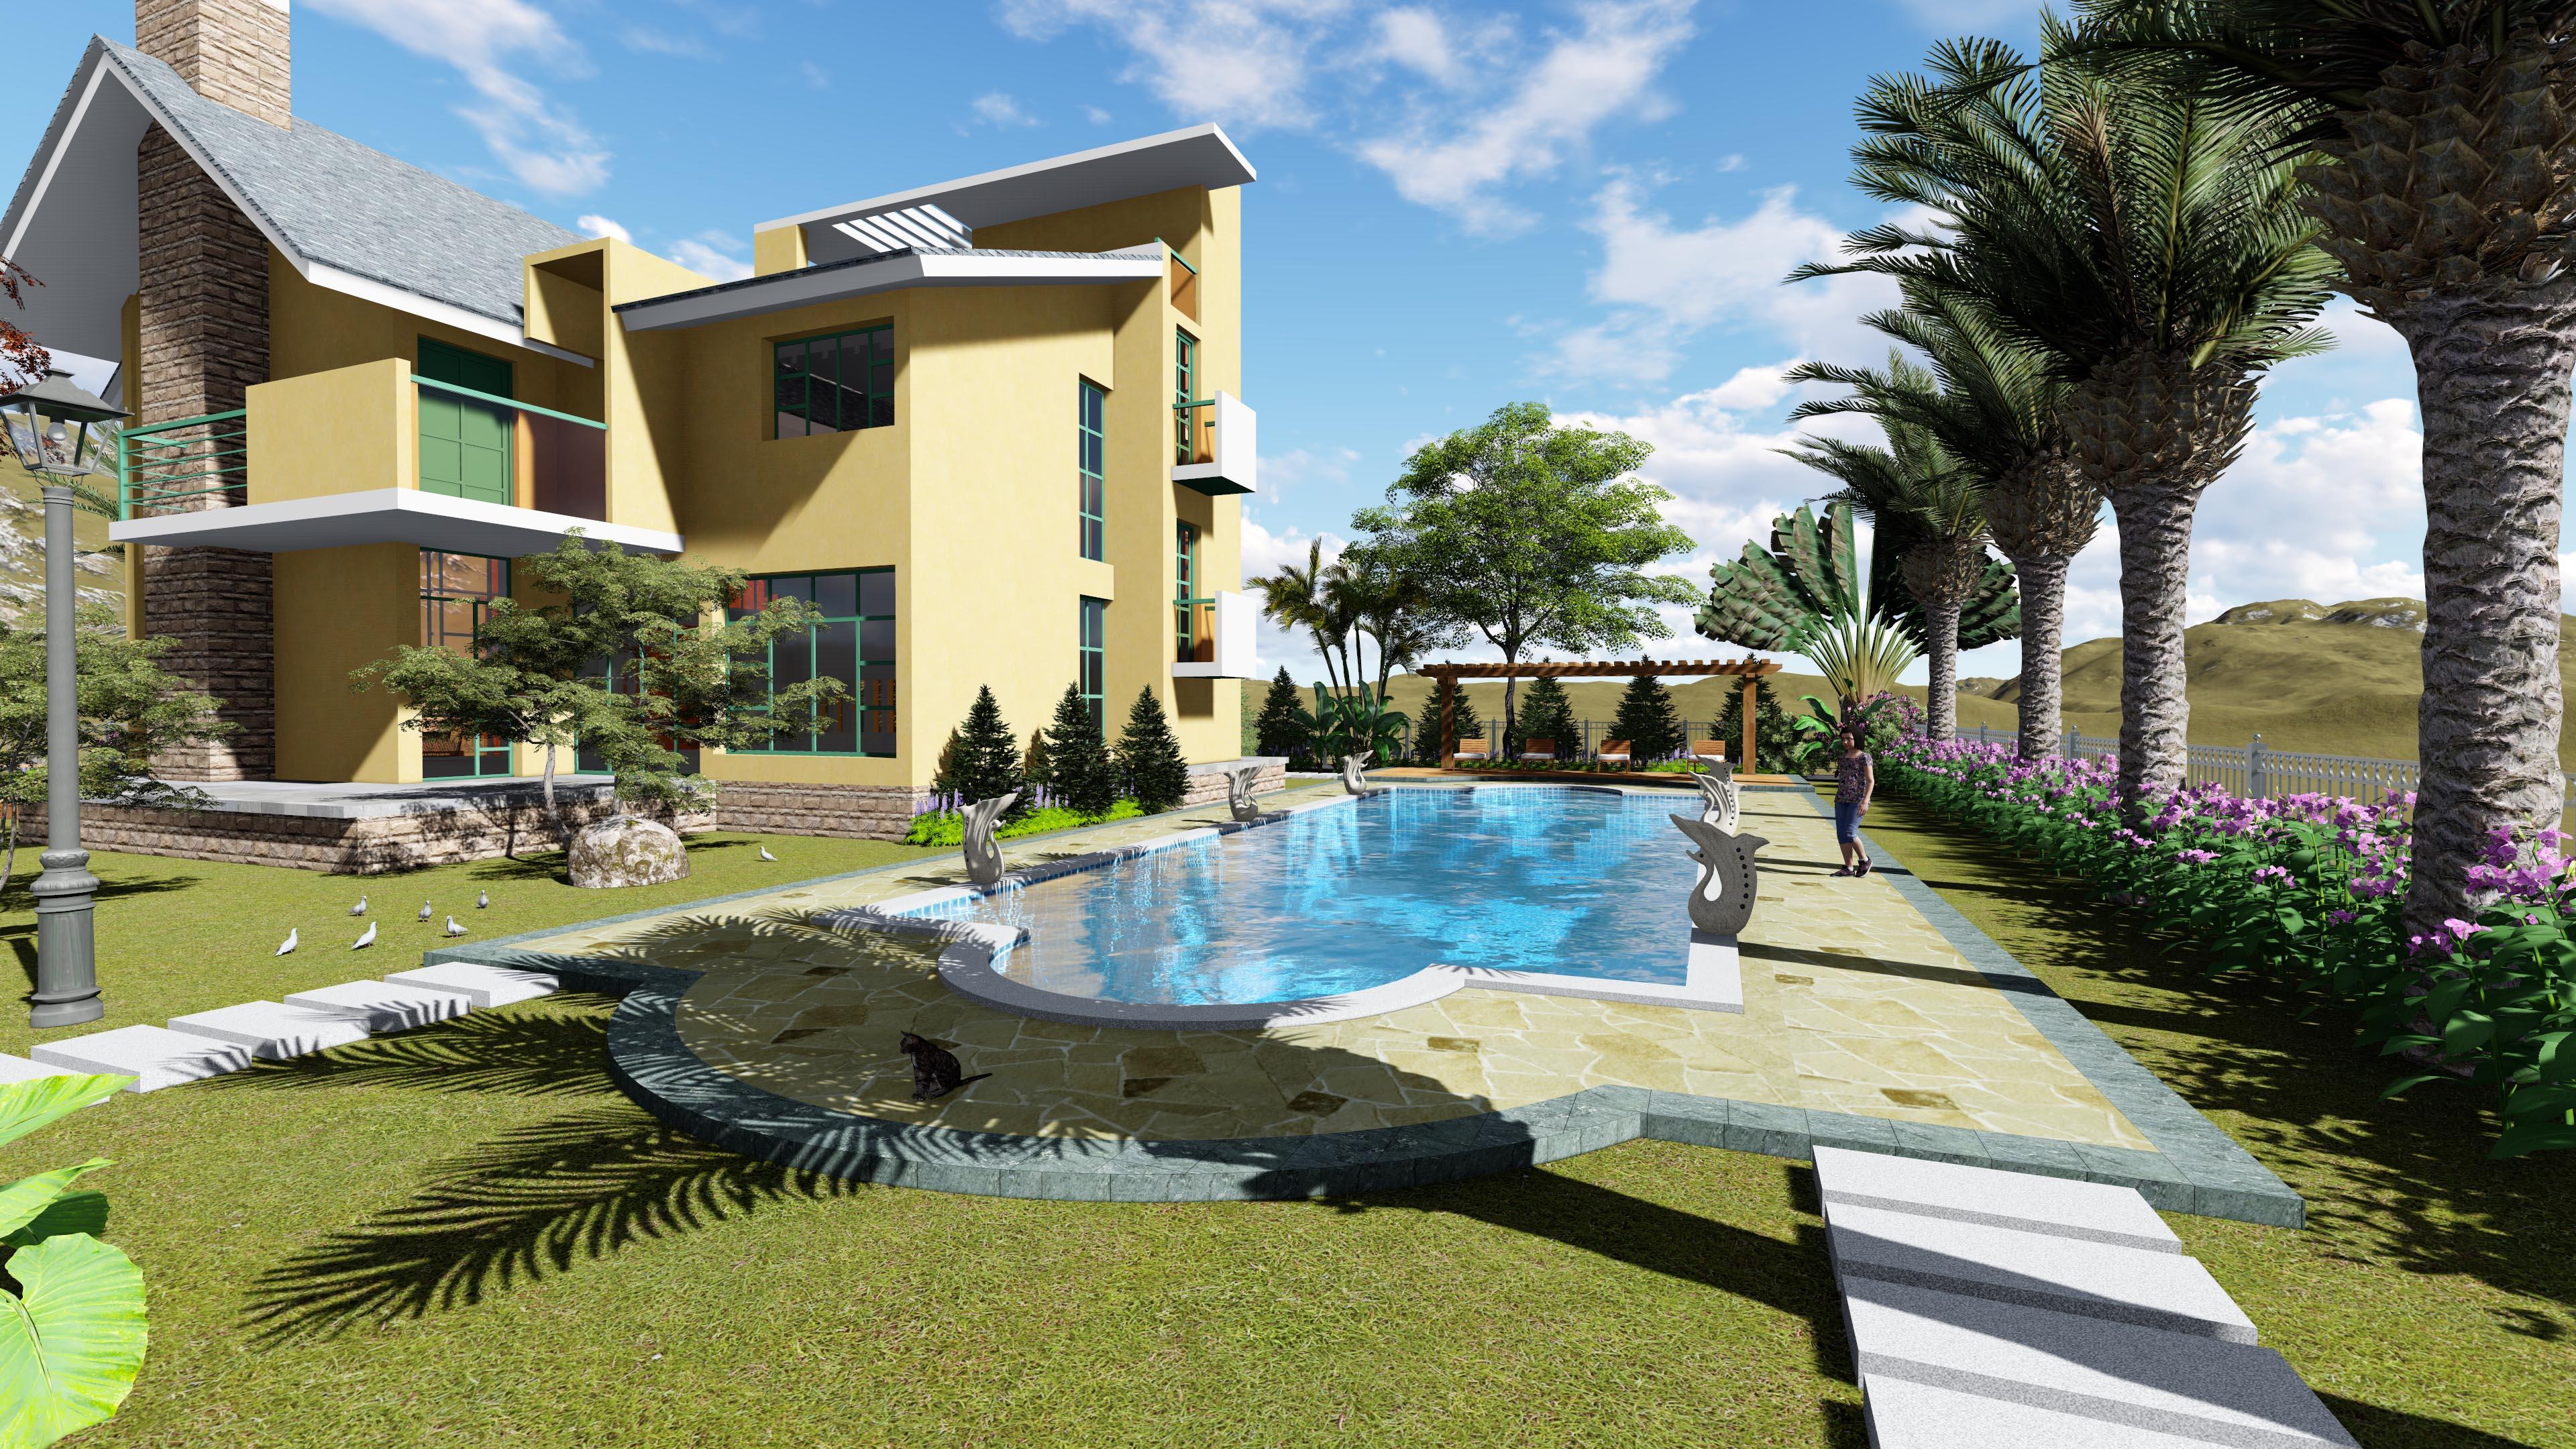 别墅花园景观设计局部效果图二图片